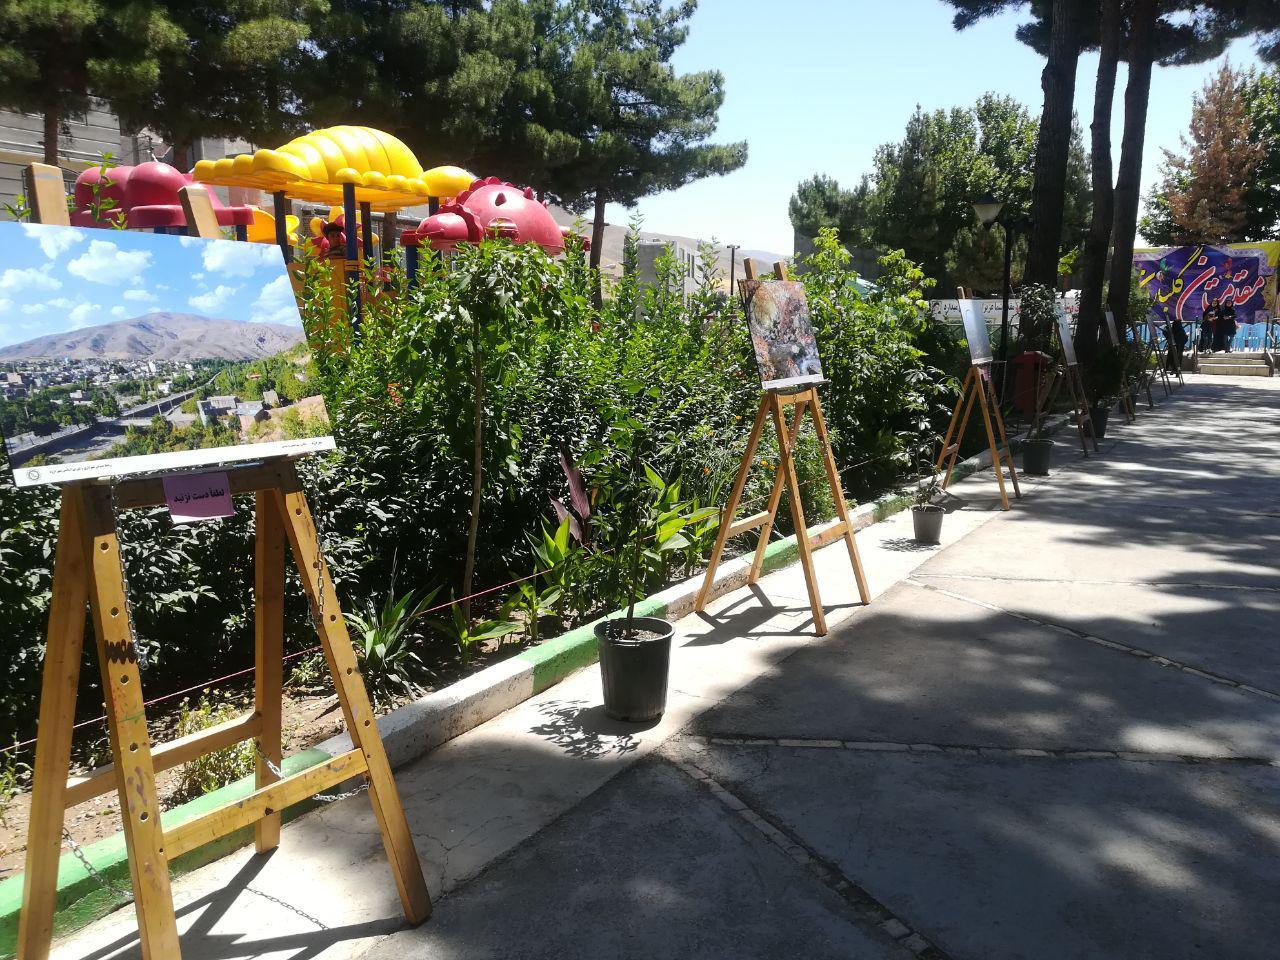 نمایشگاه عکس ونقاشی طبیعت در شهر درود